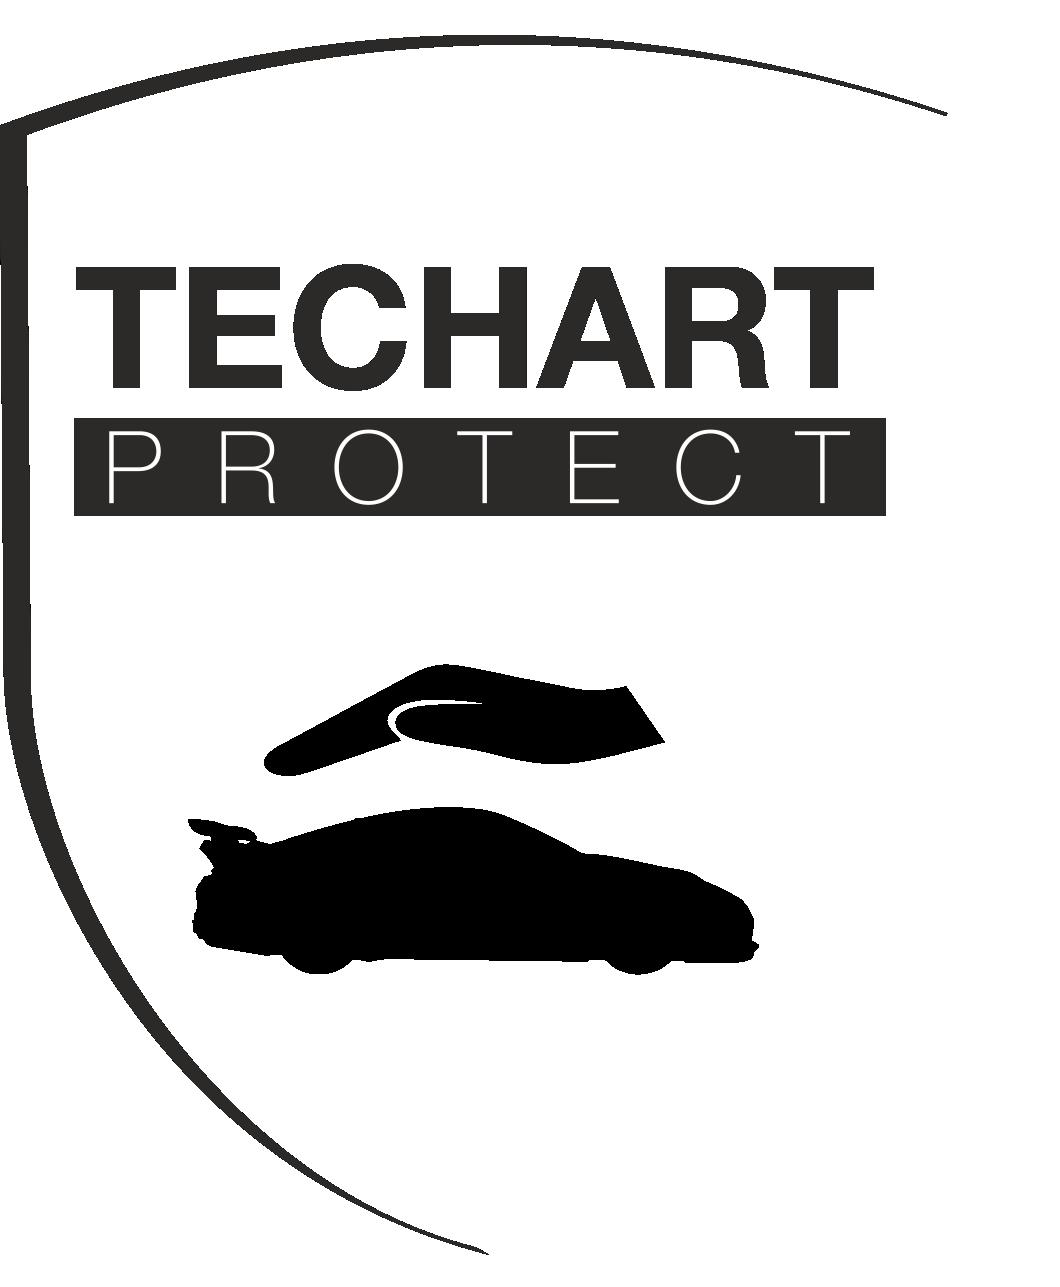 TECHART PROTECT Garantie